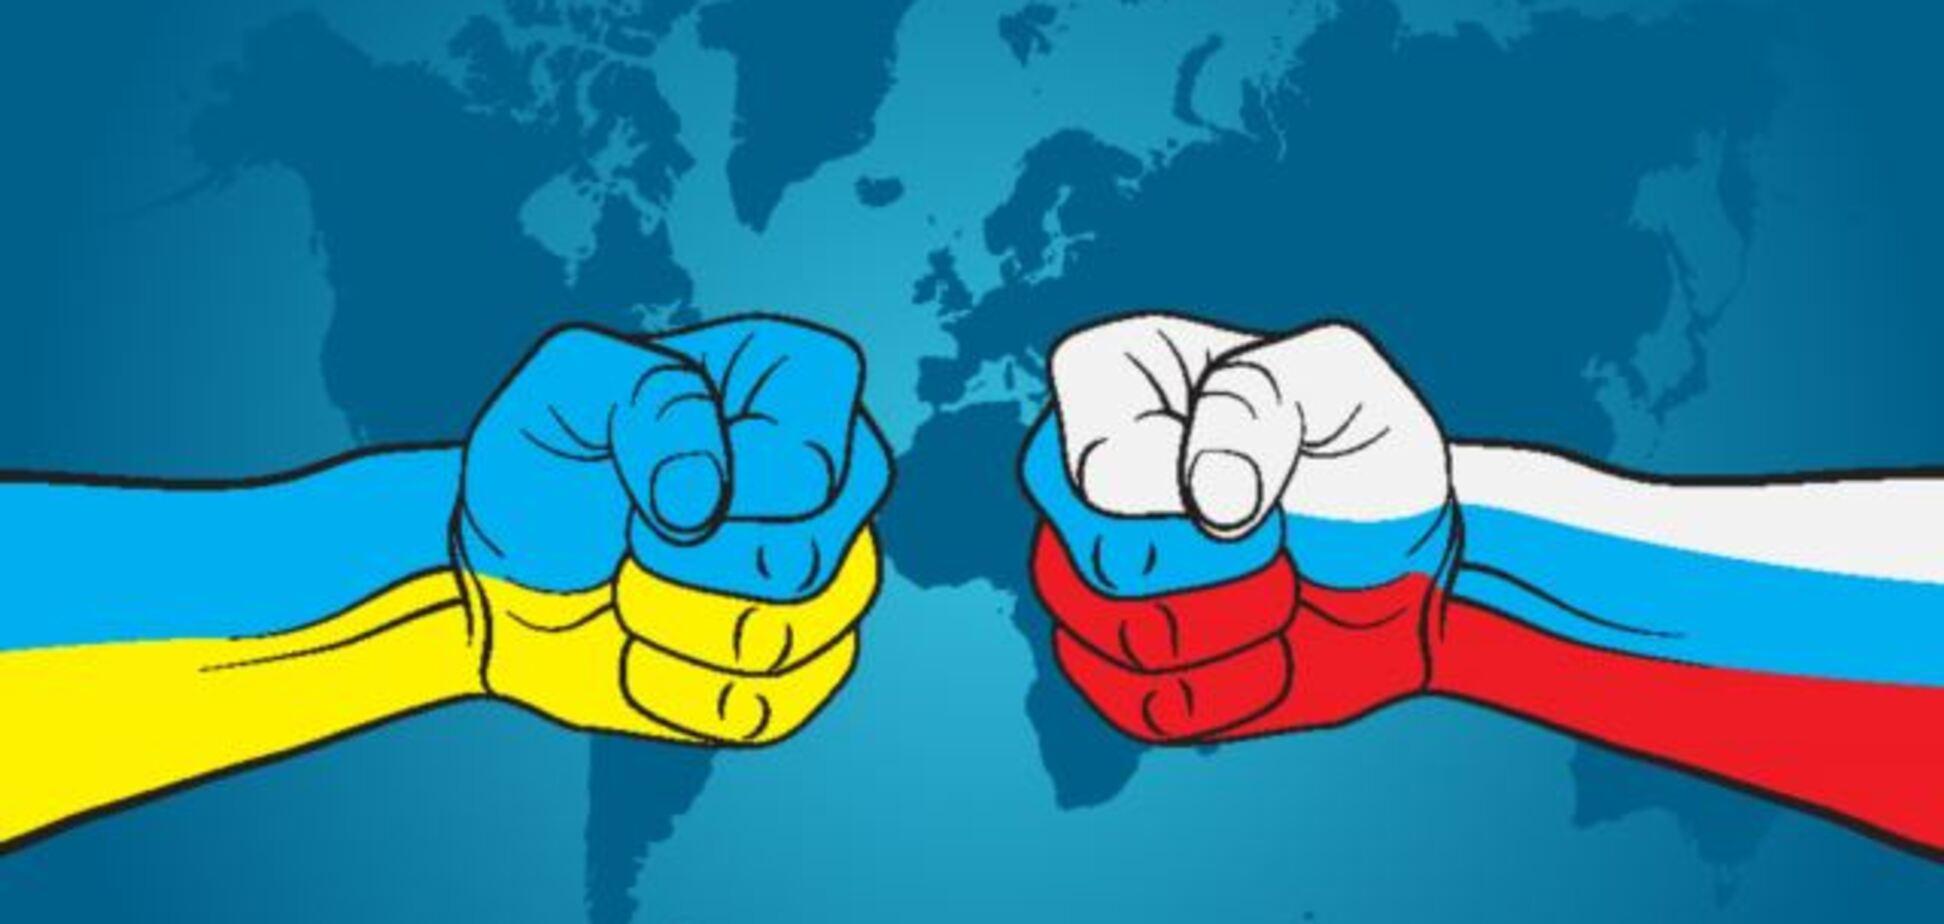 'Презираем': российский историк объяснил, что не так в отношении Кремля к Украине